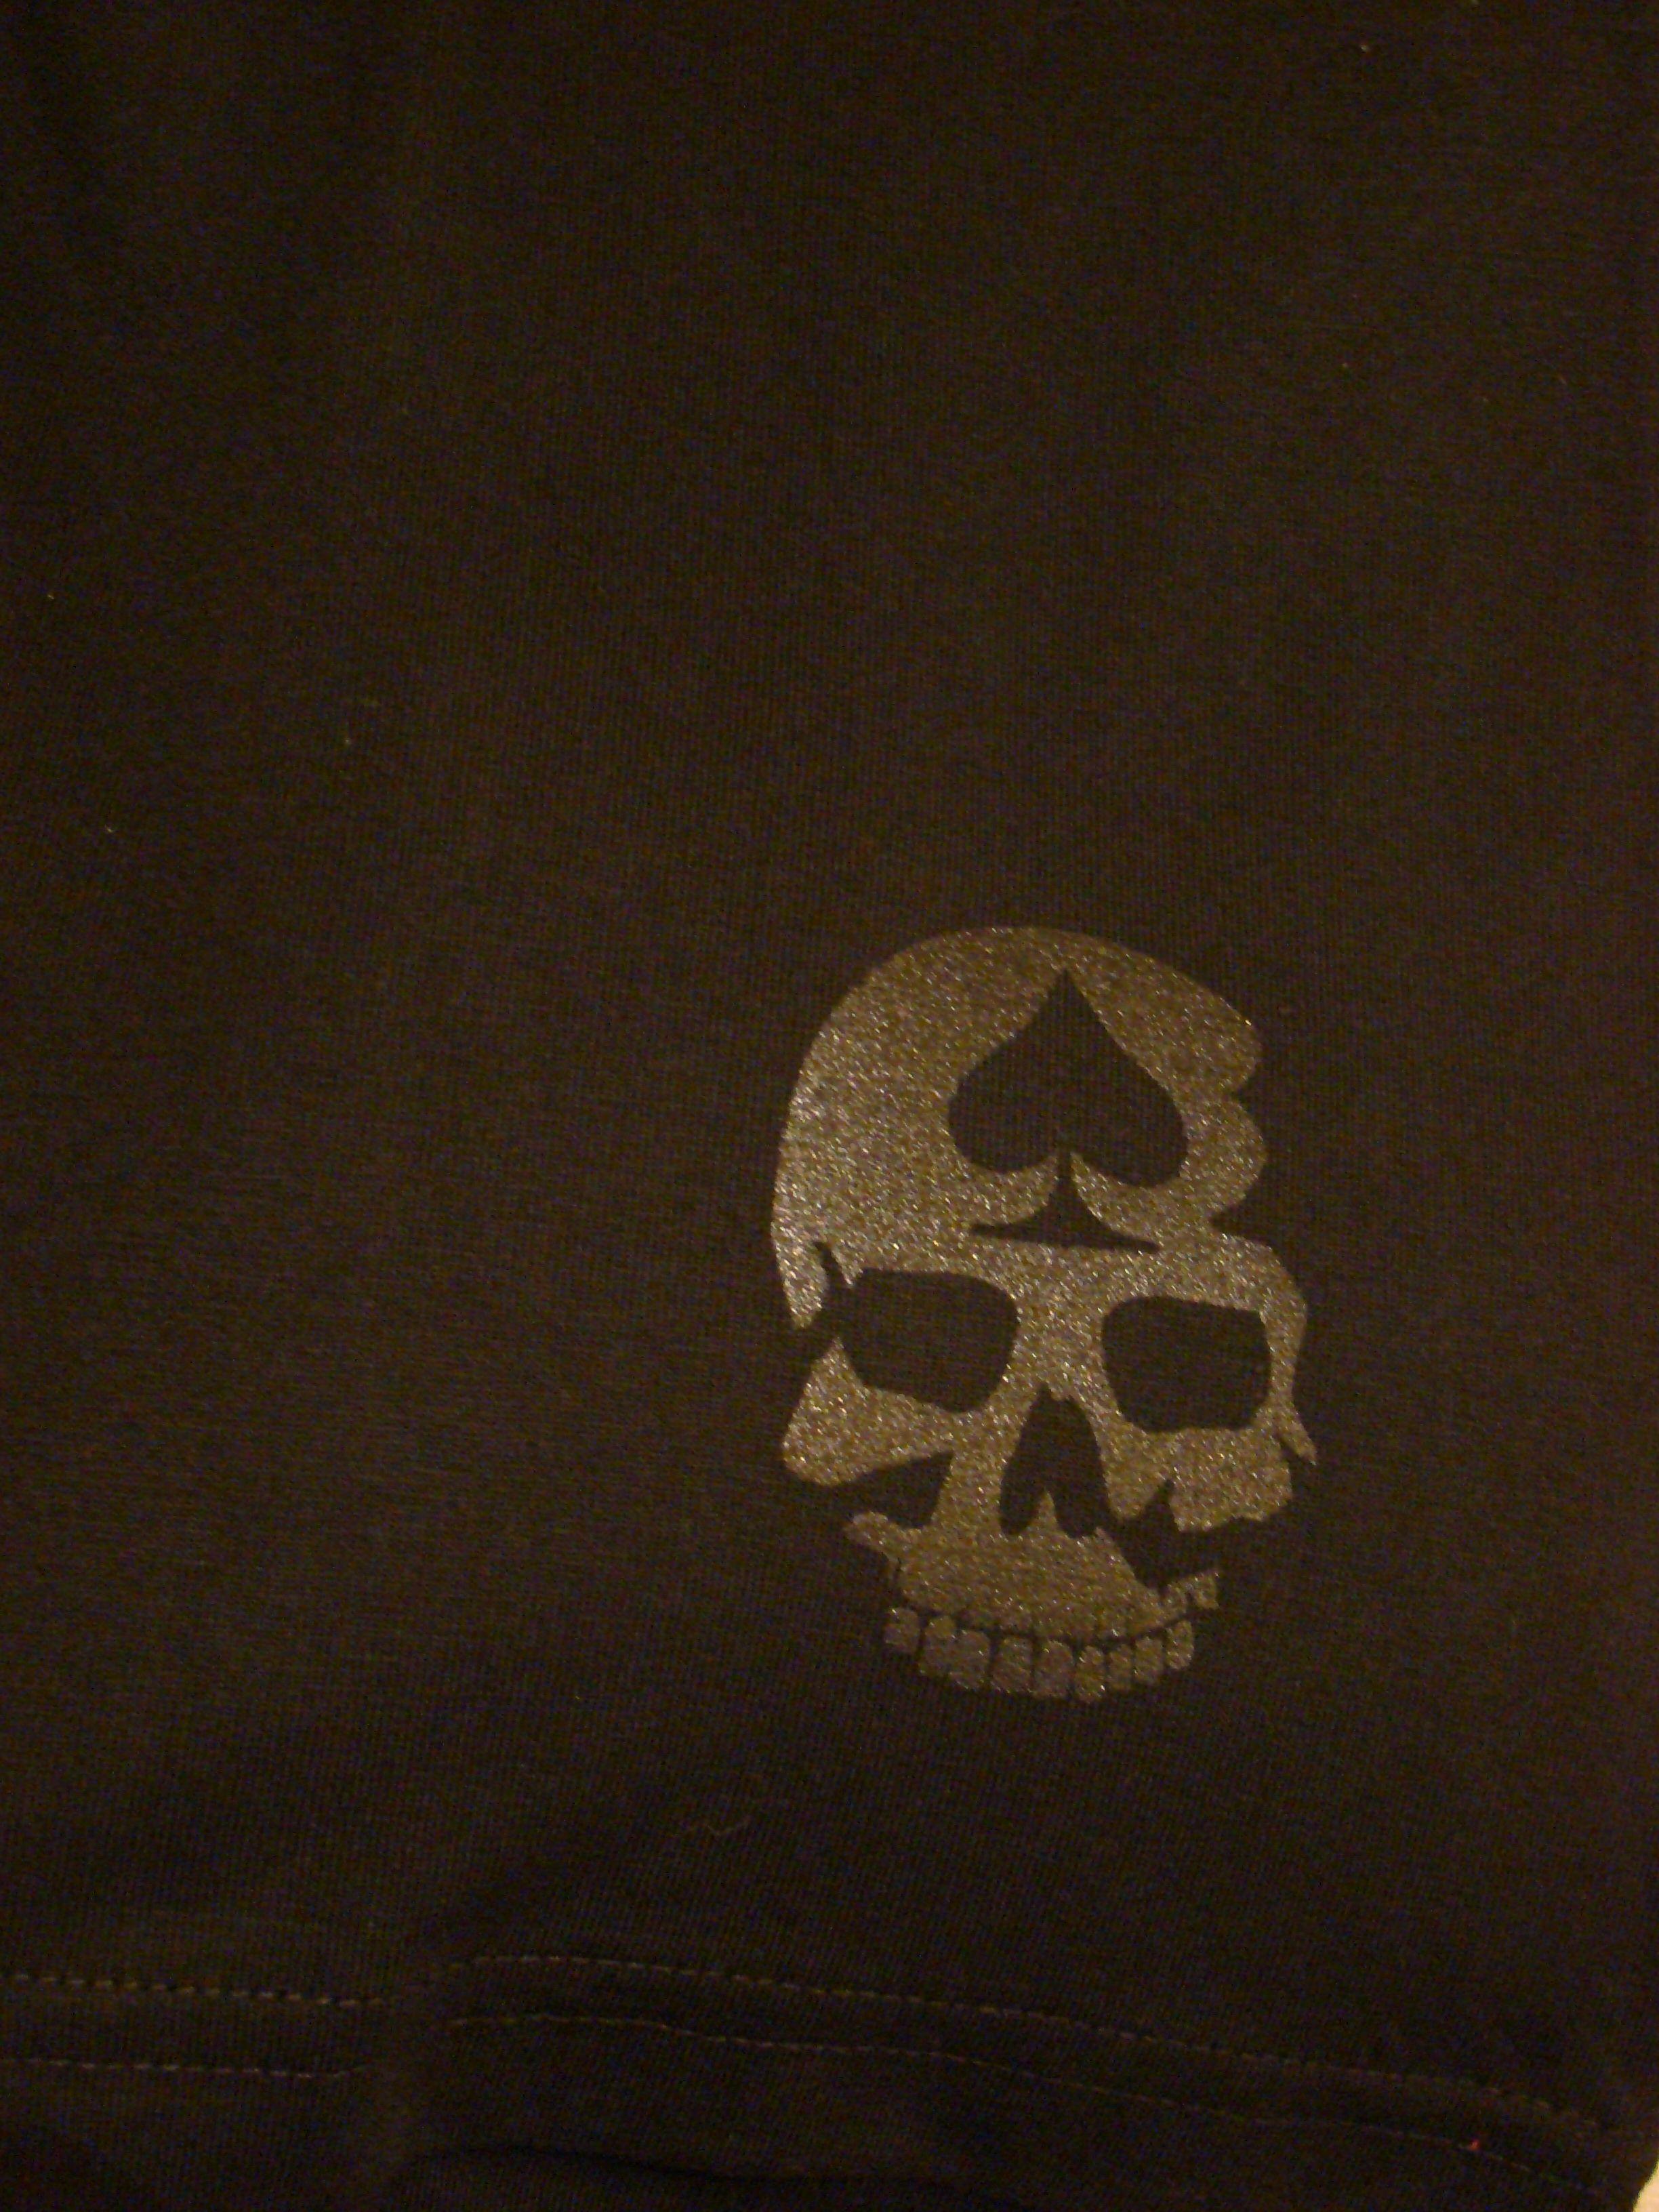 Logo en el frente de la remera